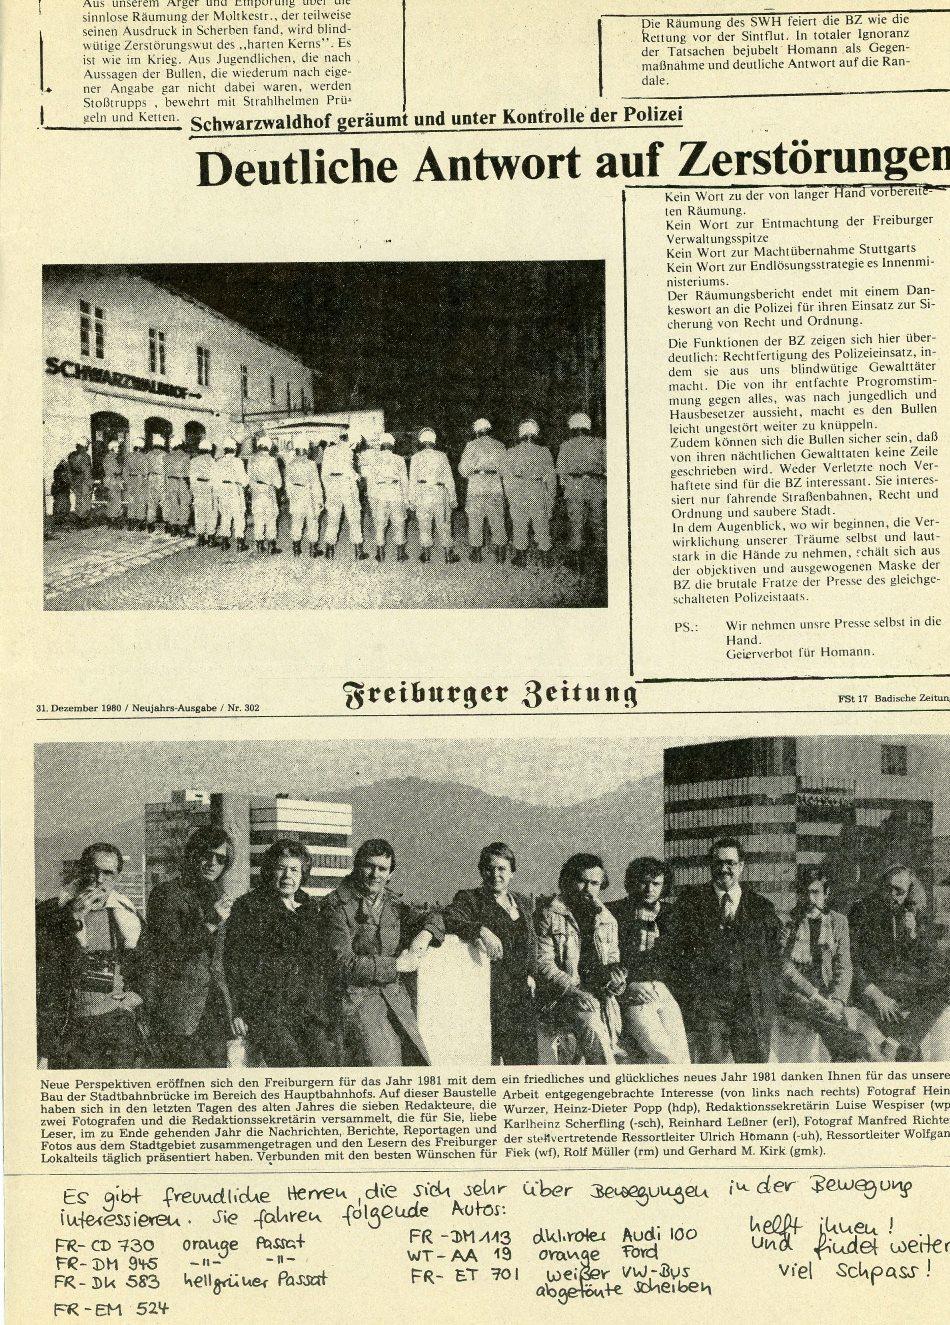 Freiburg_Hausbesetzung_02_Moltkestrasse_Schwarzwaldhof_09